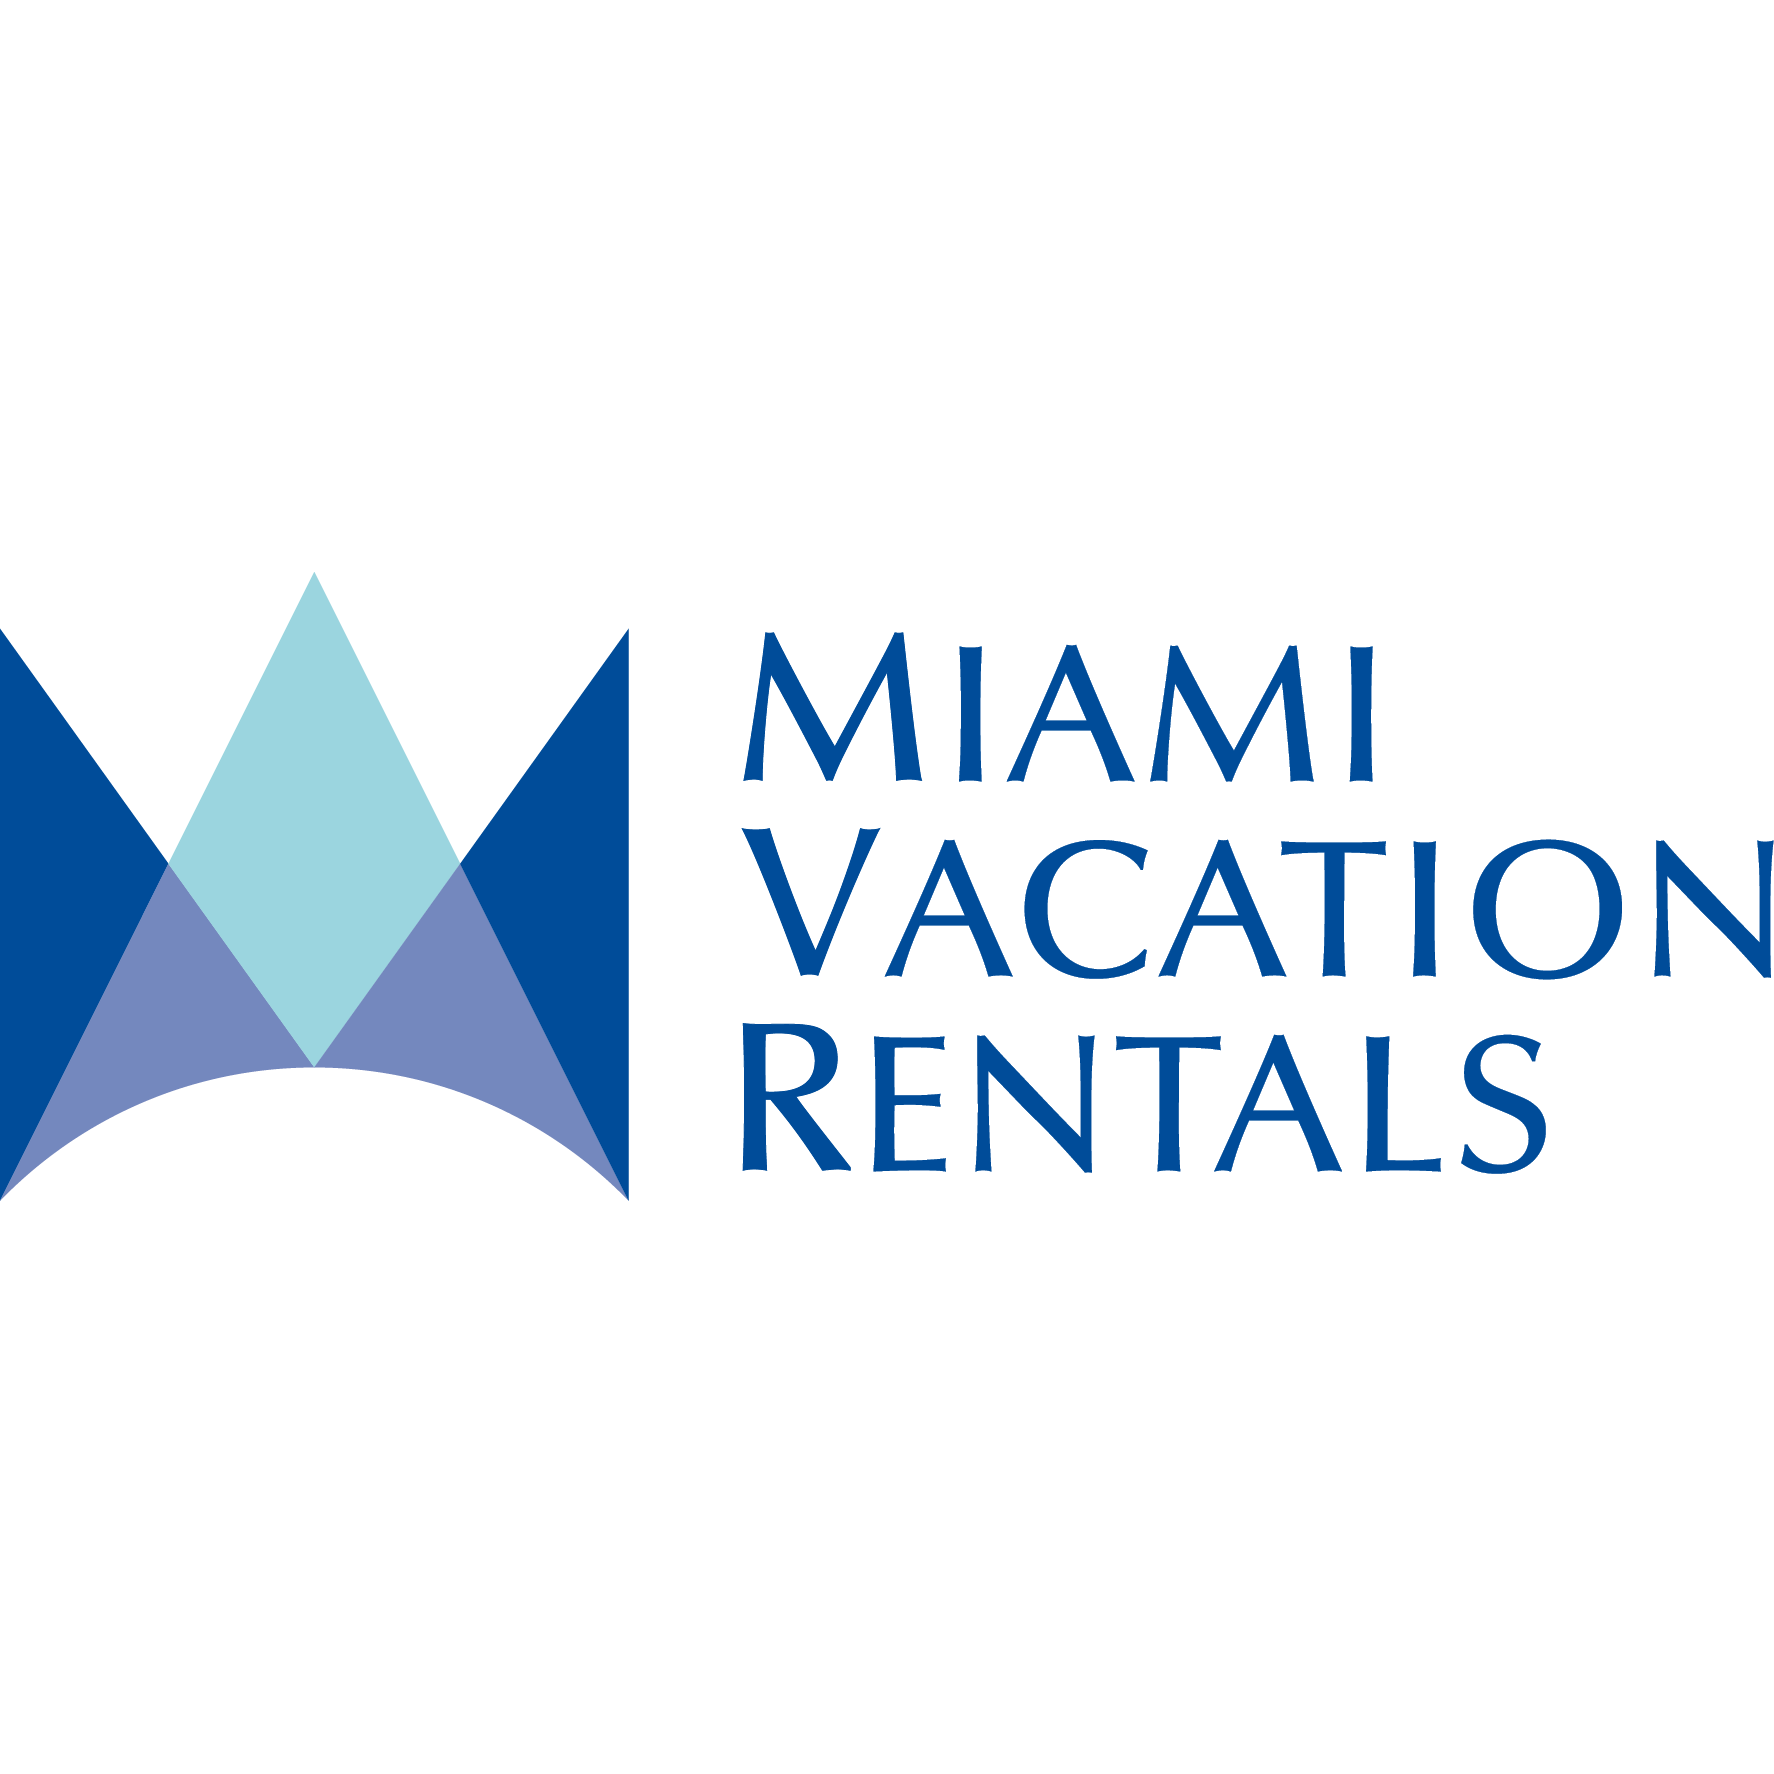 Miami Vacation Rentals - Brickell